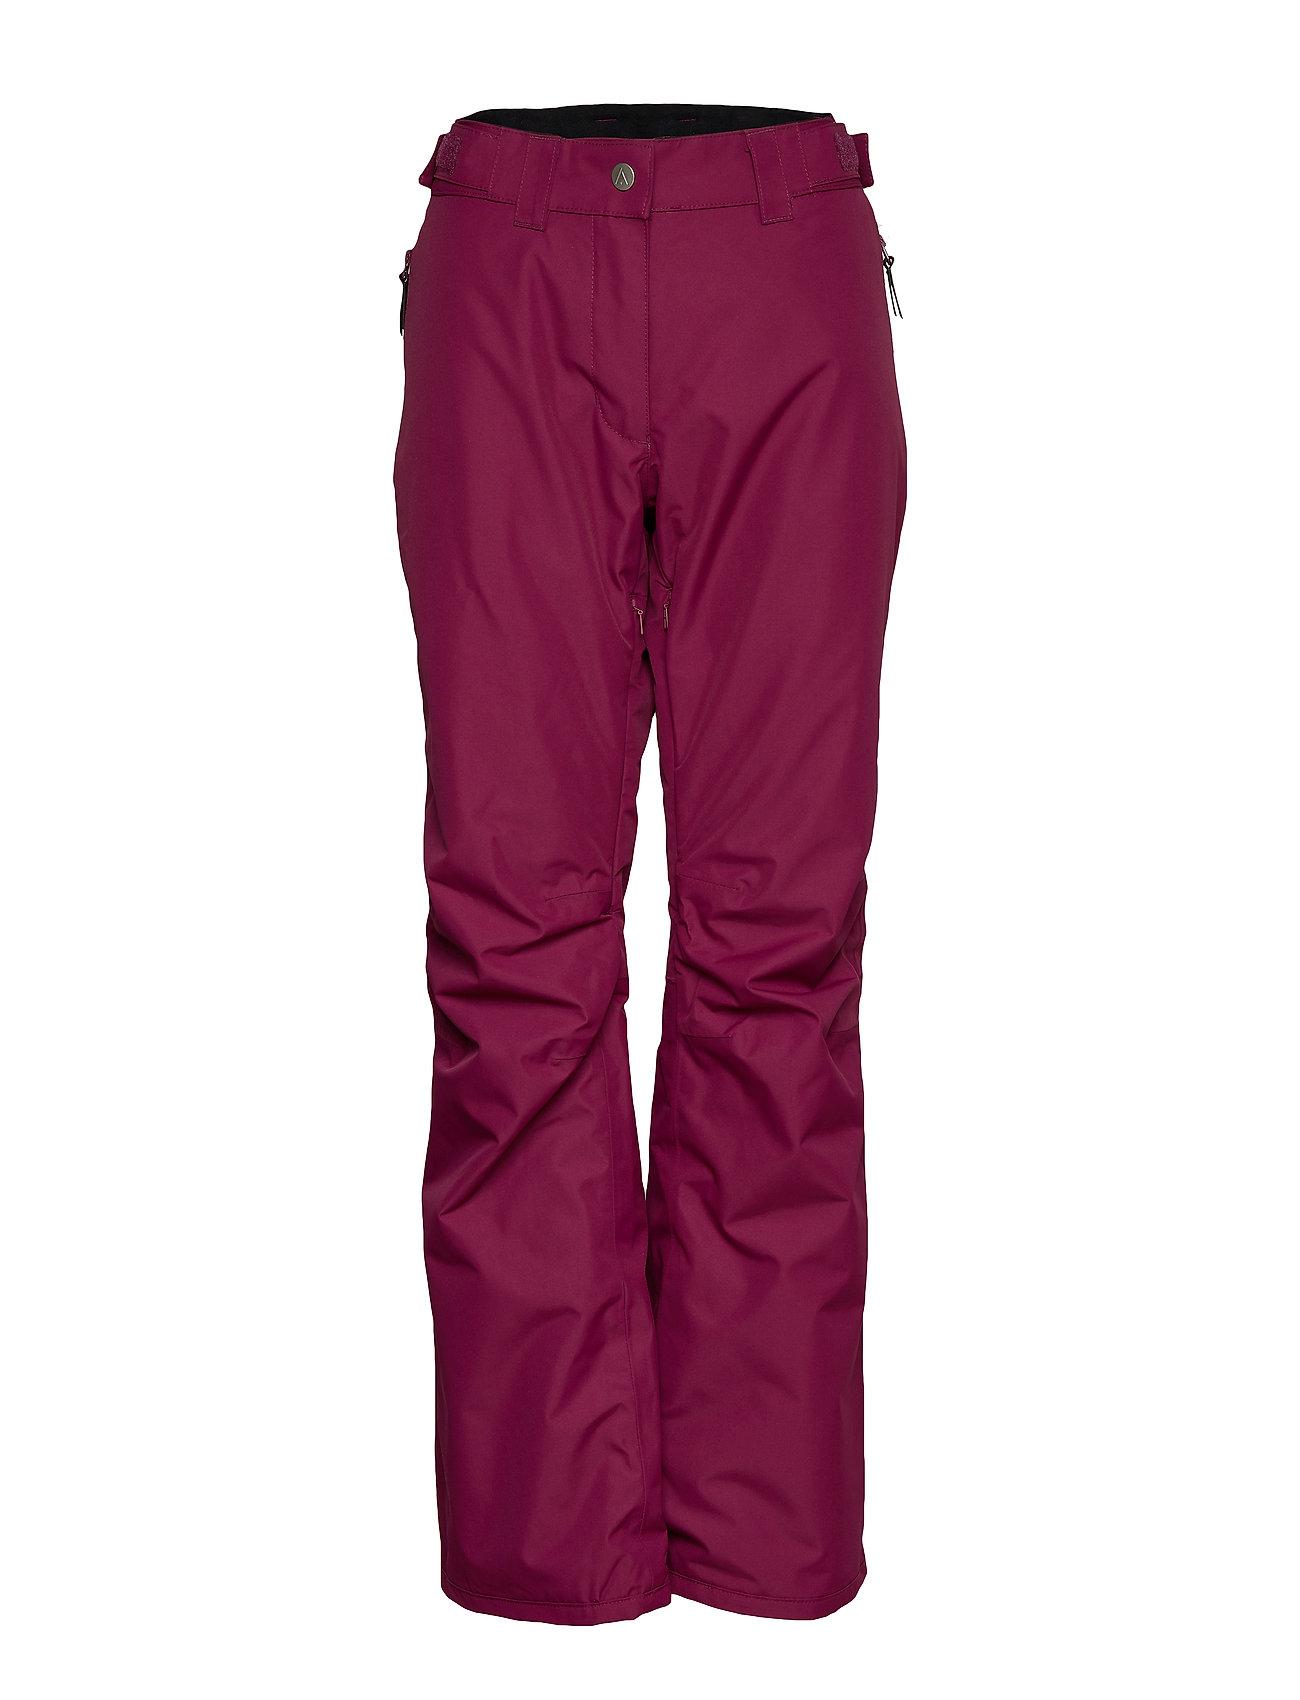 Image of Fine Pant Sport Pants Rød WearColour (3261451501)